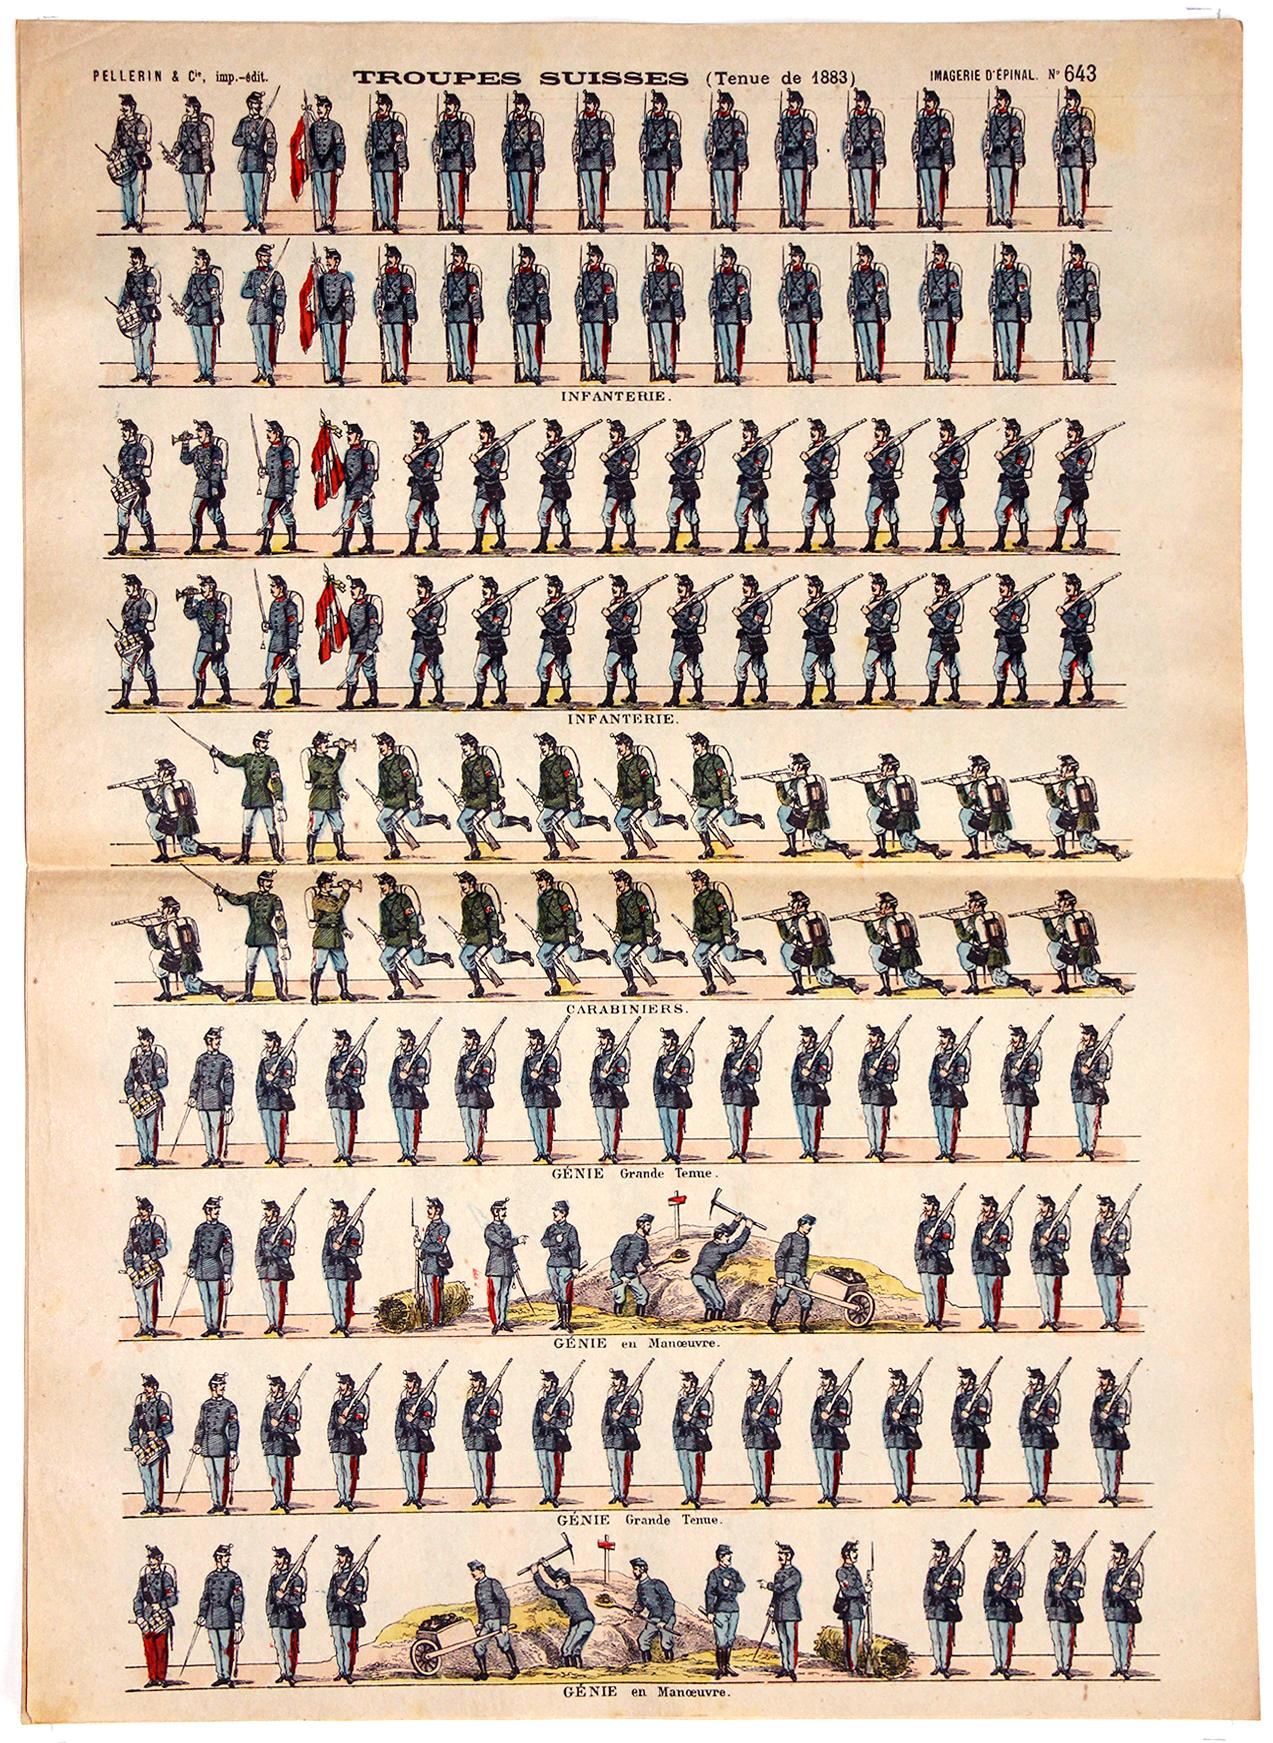 Planche Imagerie Epinal - Pellerin - Armée Suisse - Infanterie et génie